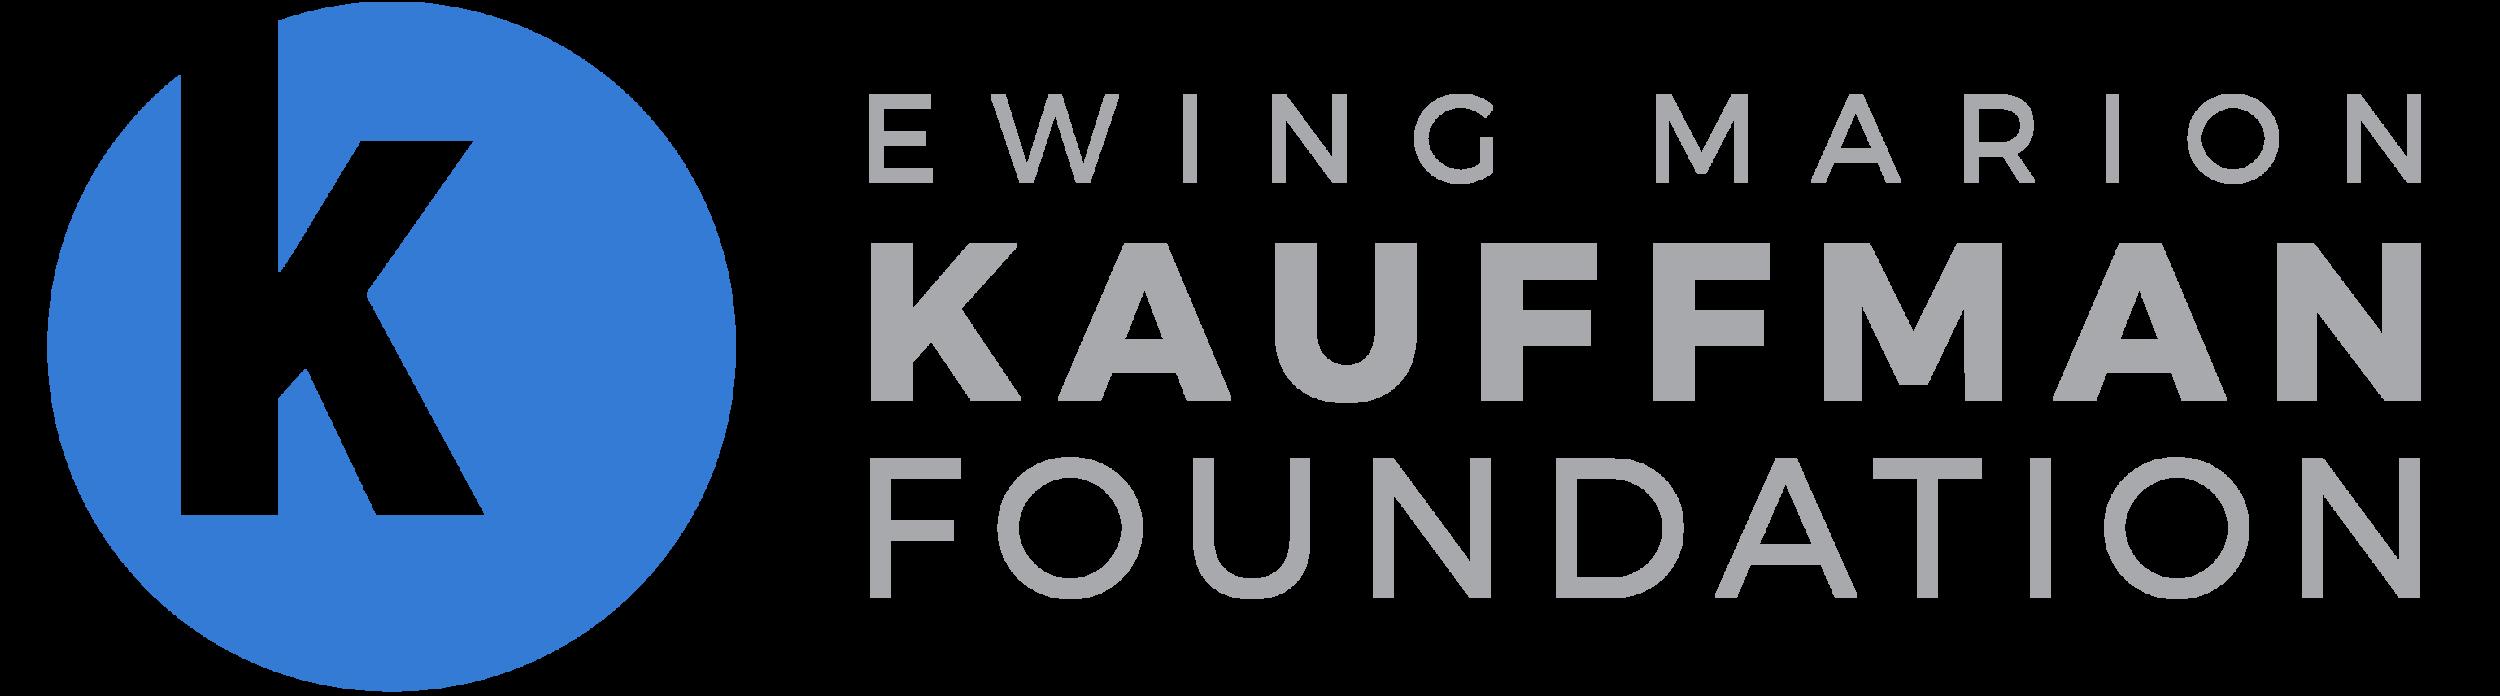 kauffman logo.png